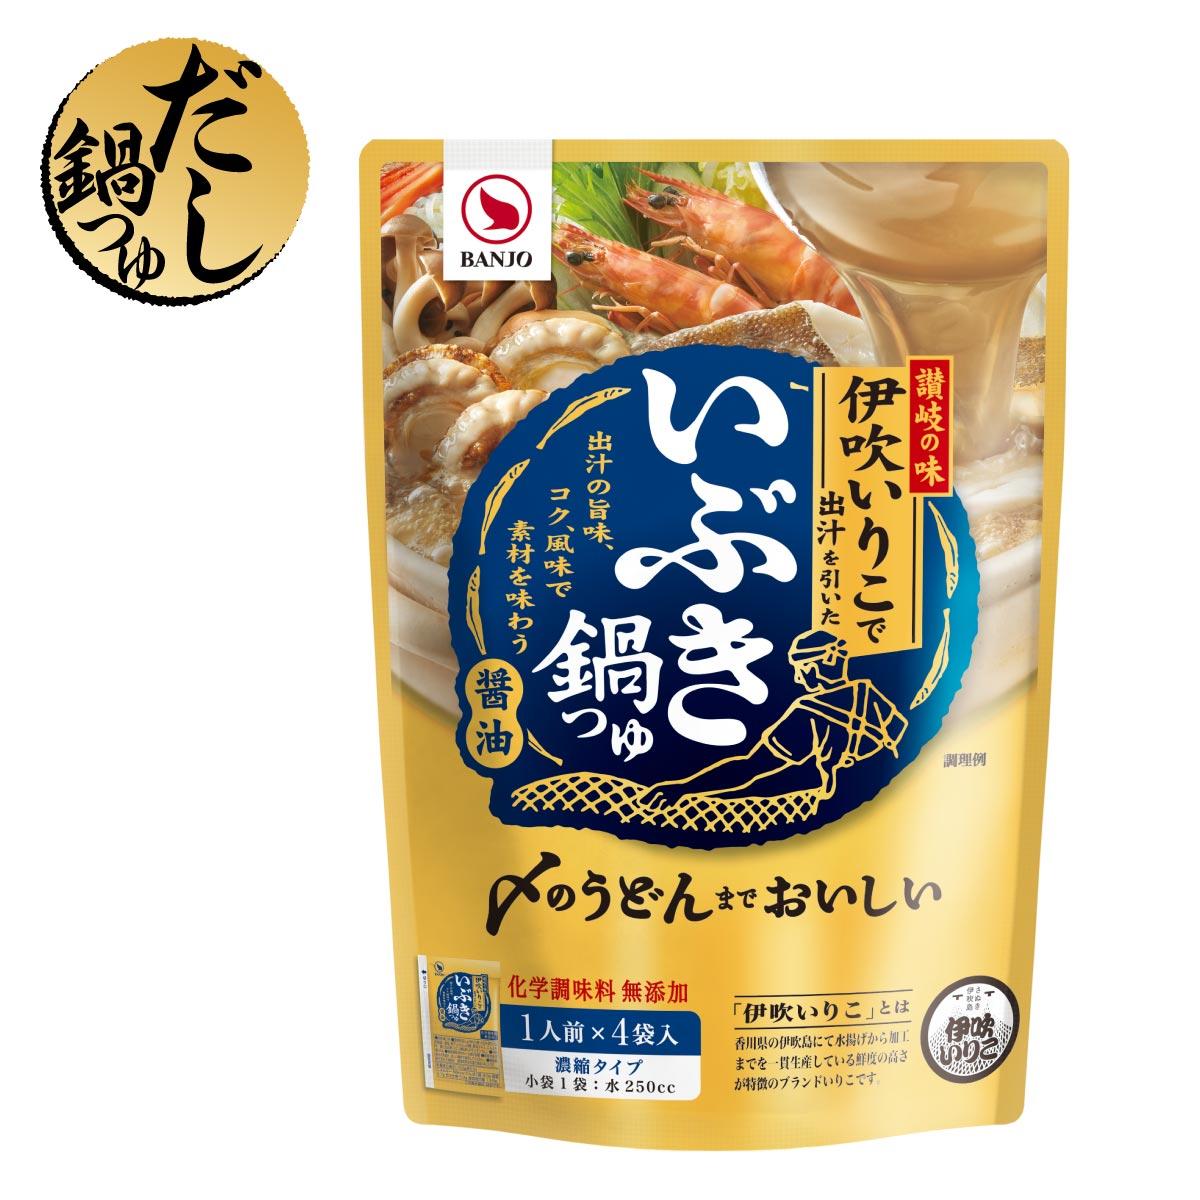 【秋冬限定】いぶき鍋つゆ(濃縮タイプ)